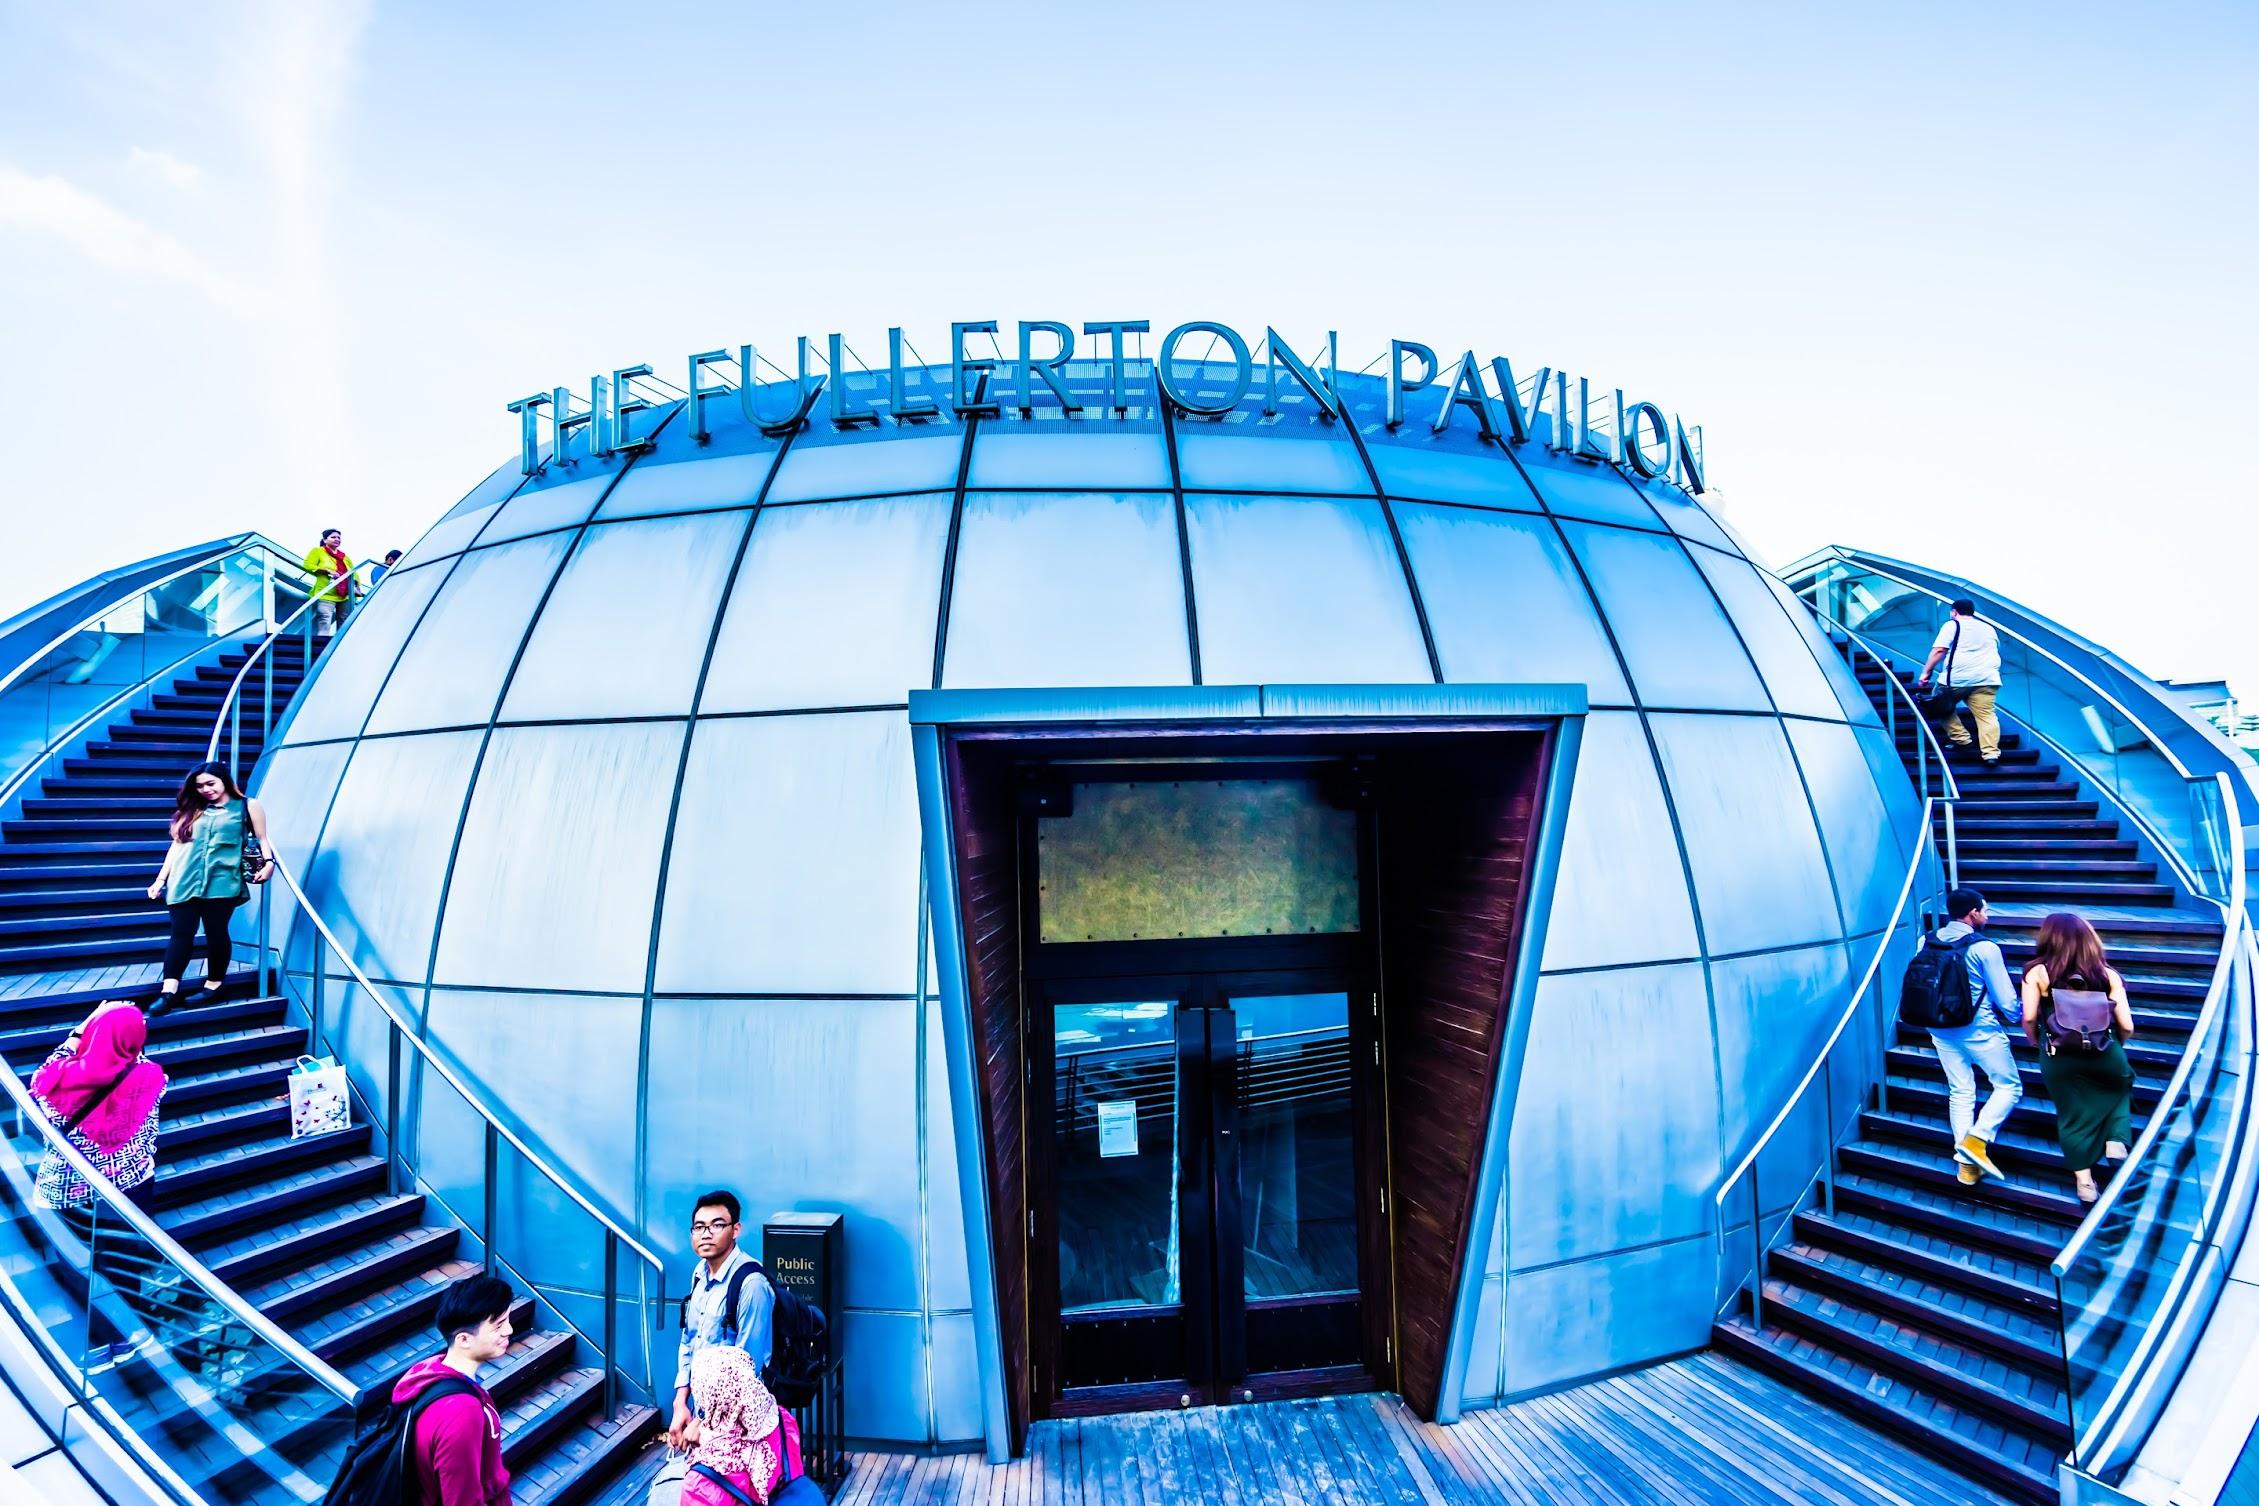 シンガポール フラトン・パビリオン (The Fullerton Pavilion)